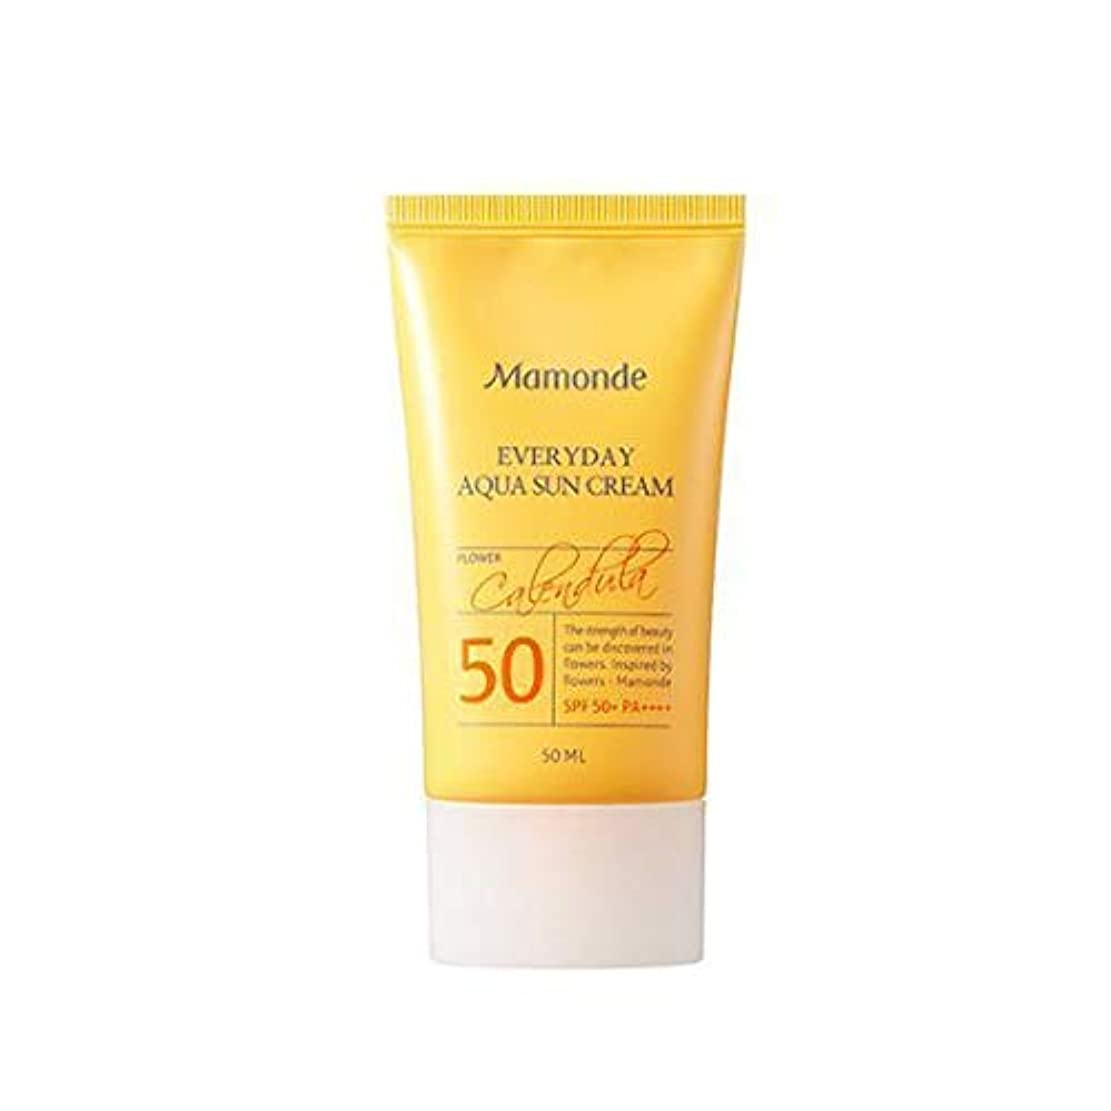 翻訳する心から住むMAMONDE マモンド エブリデイアクアサンクリーム (50ml),SPF50+PA++++ Everyday Aqua Sun Cream 韓国日焼け止め